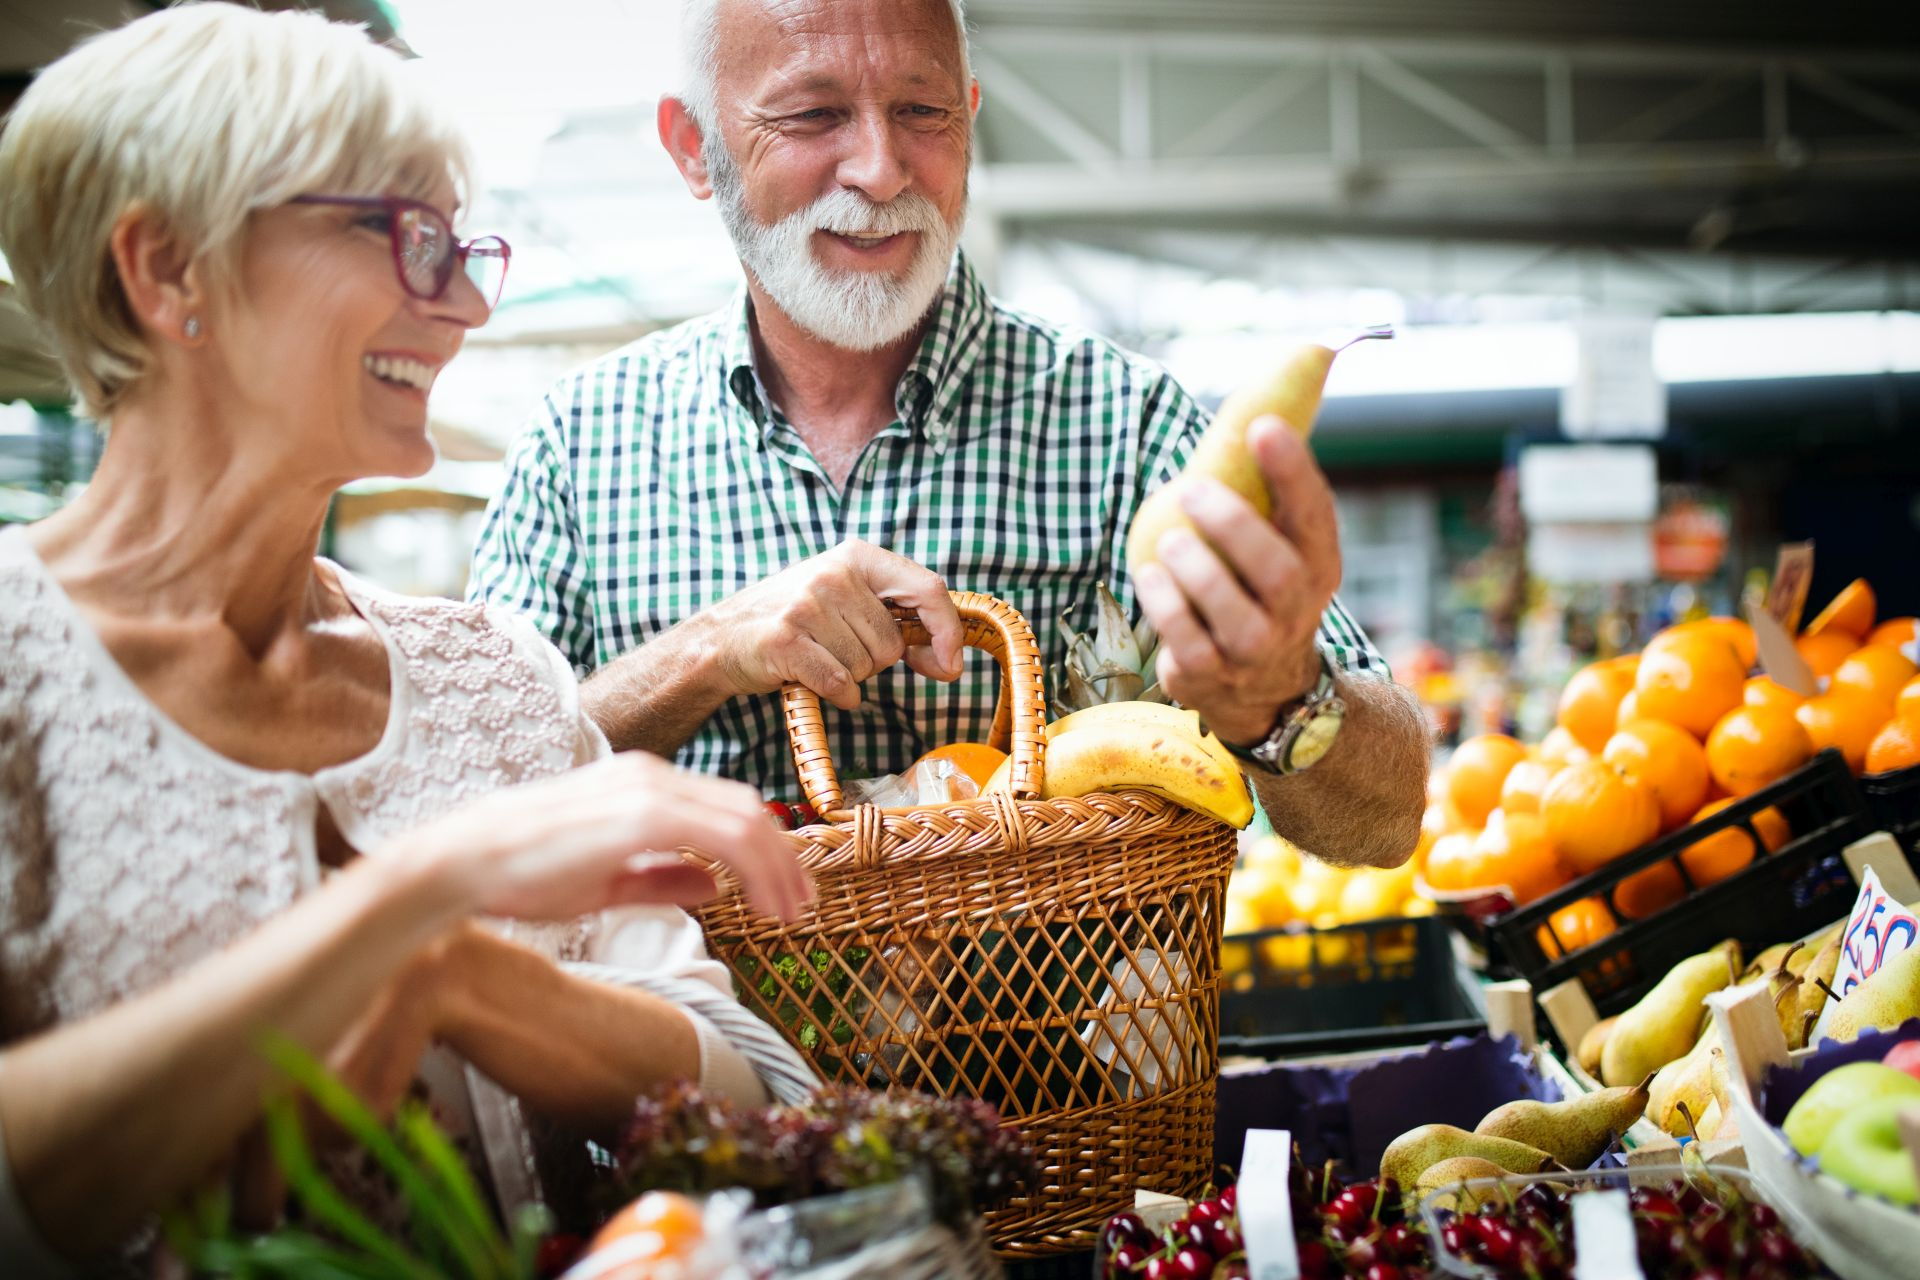 Dieta miażdżycowa - jadłospis możesz ułożyć dla całej rodziny, a tym samym wspierać bliską osobę, która cierpi na chorobę serca lub wysoki cholesterol.